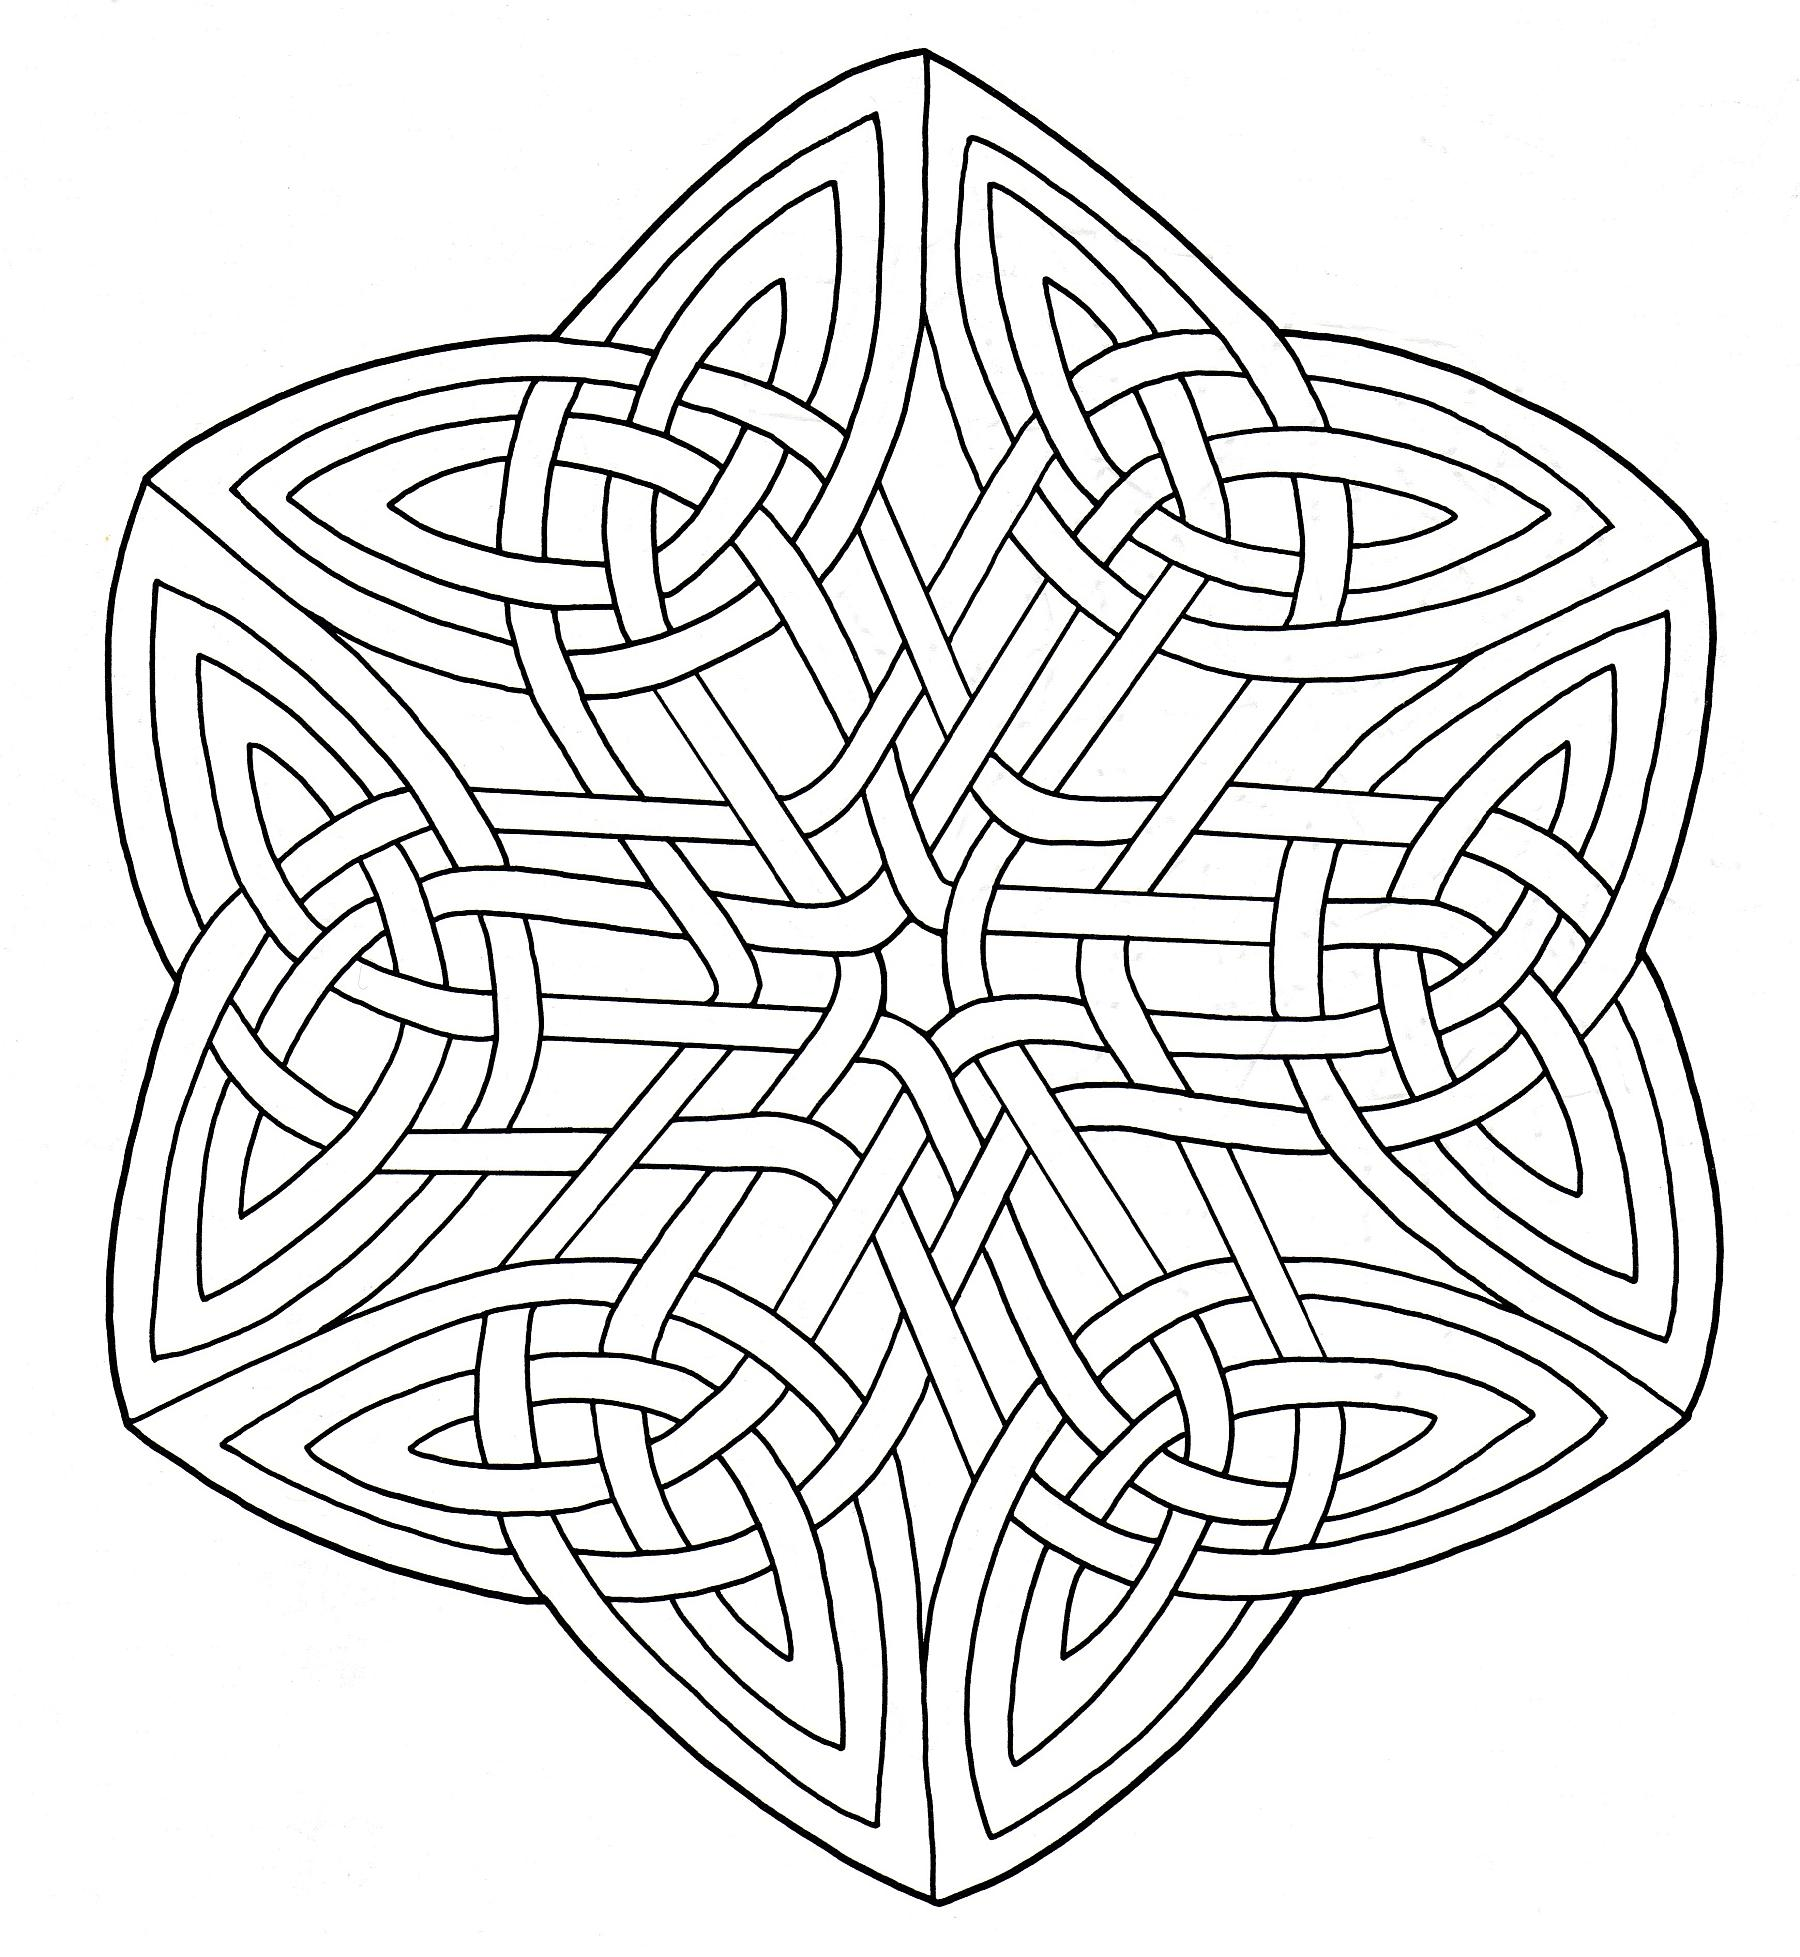 Celtic Mandala 14 - Simple Mandalas - 100% Mandalas Zen ...